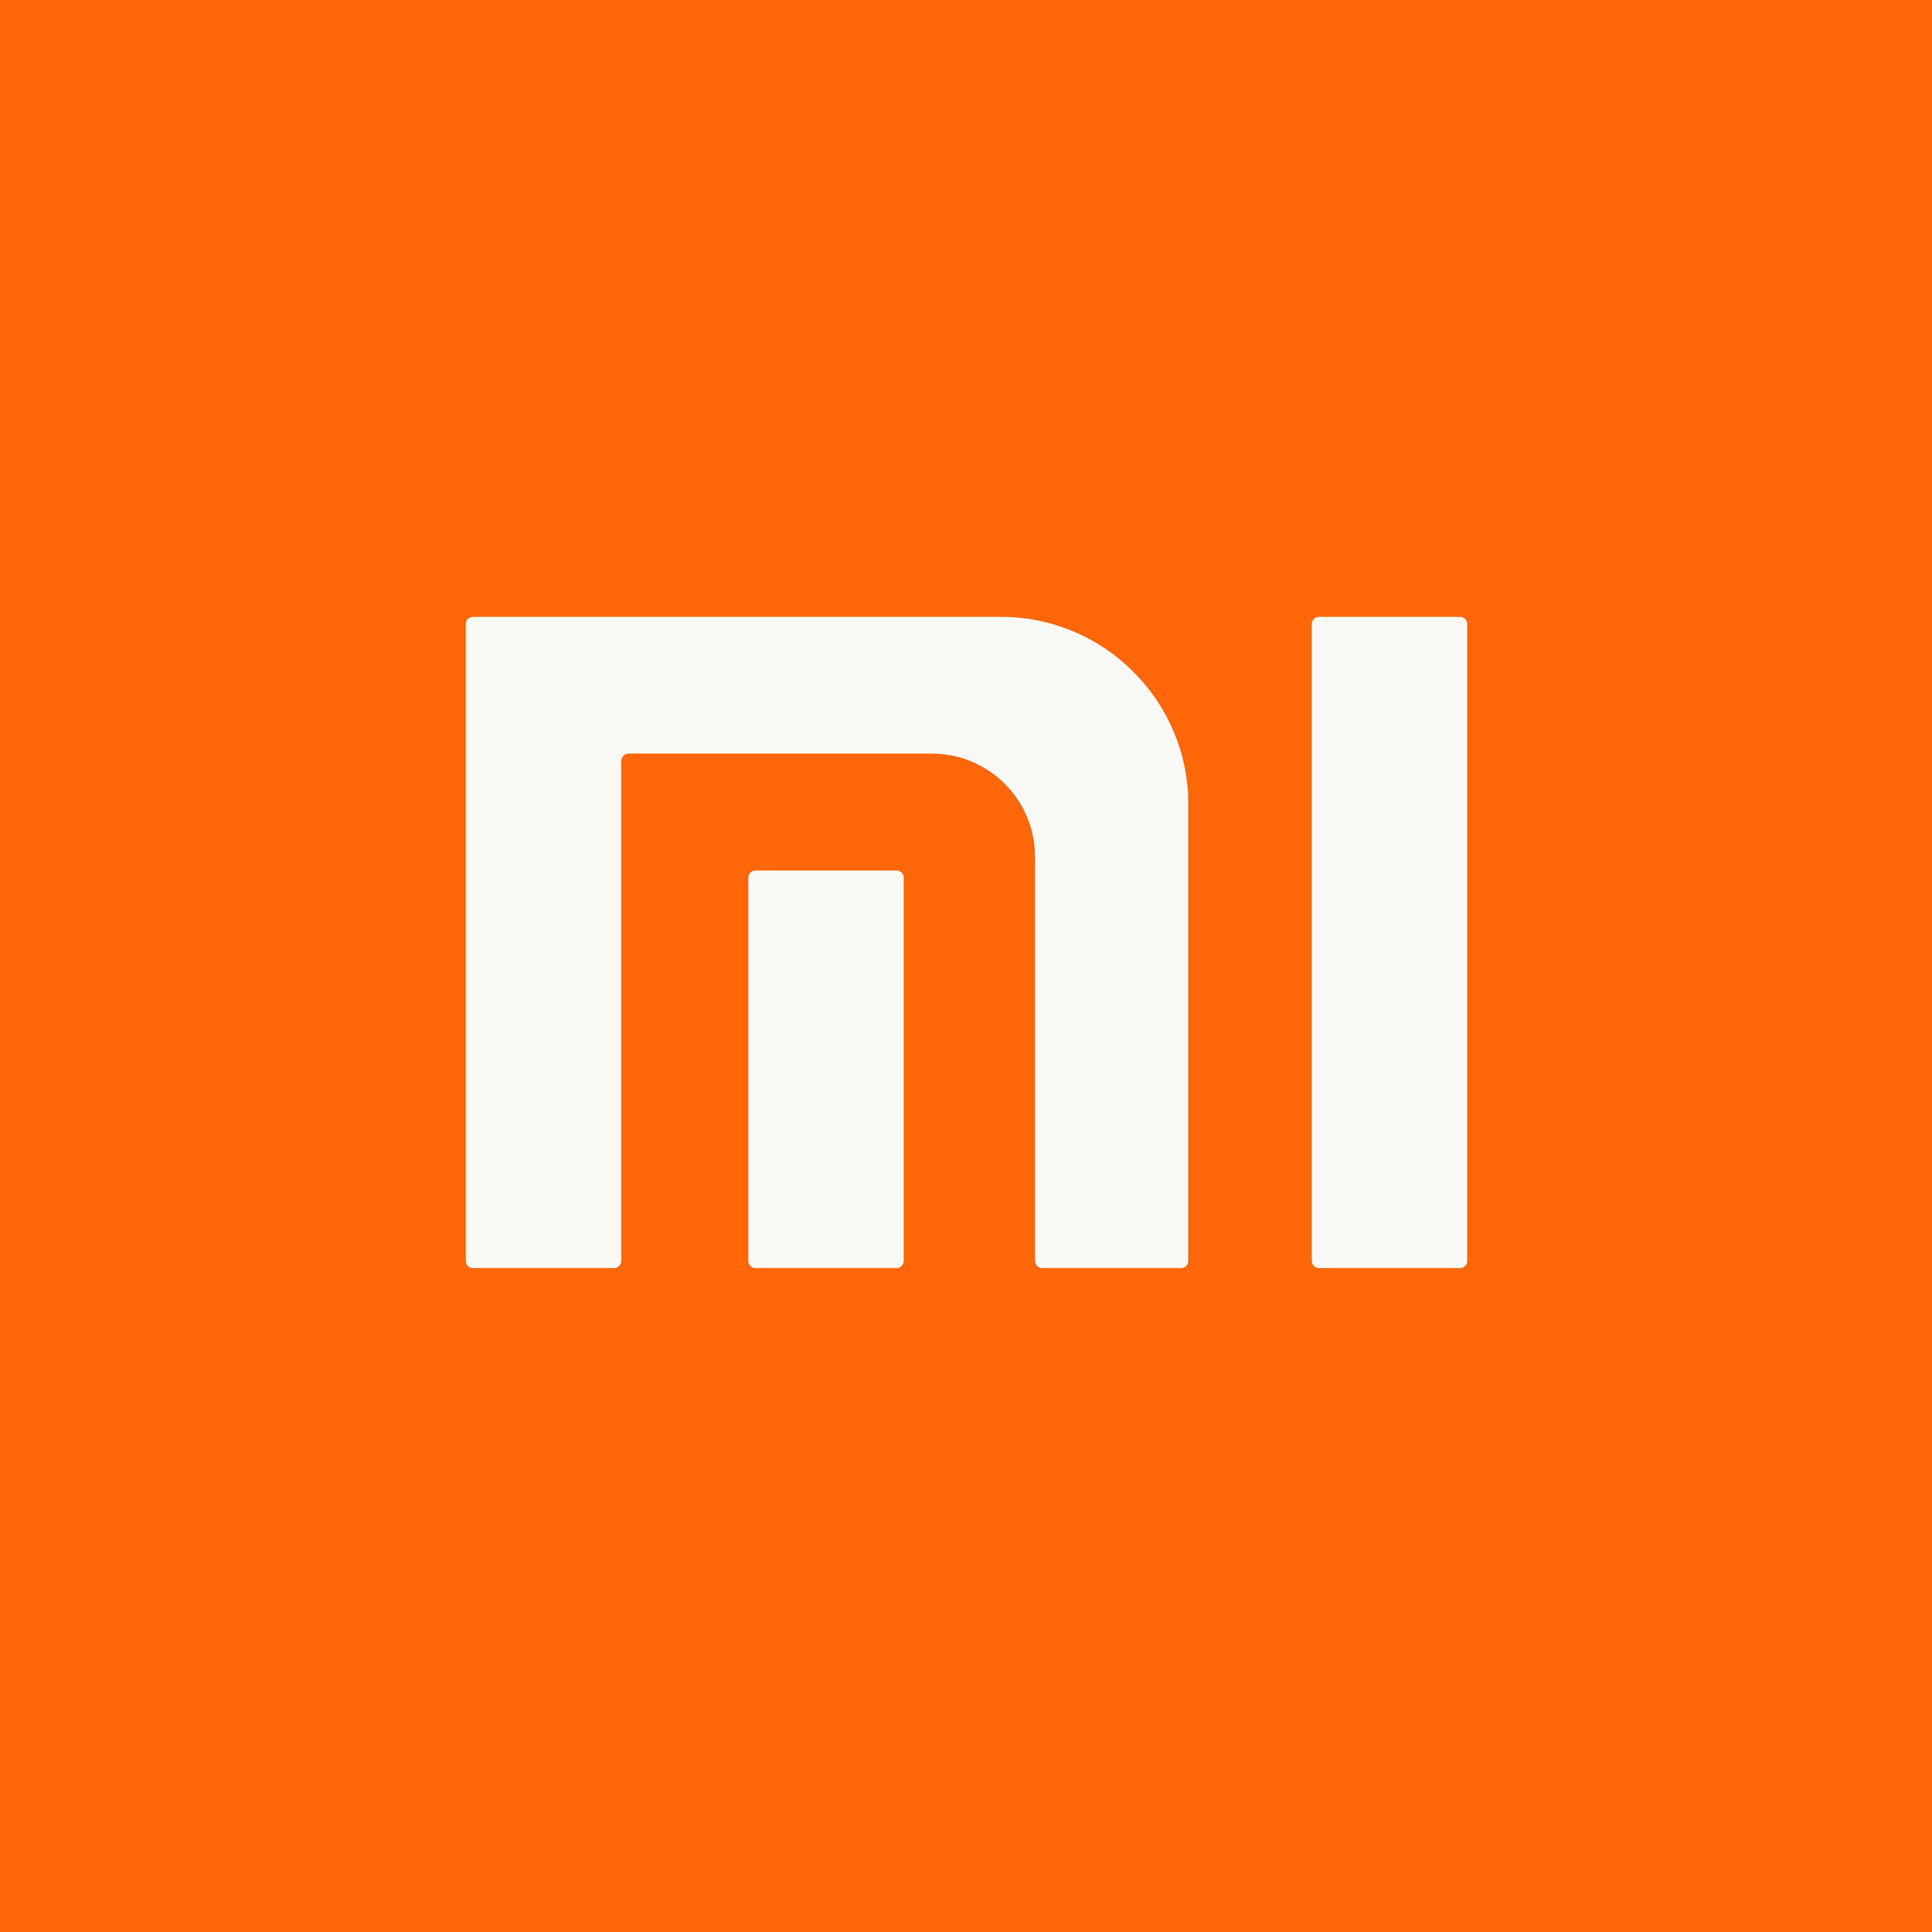 Xiaomi logo (Mi) - Xiaomi PNG